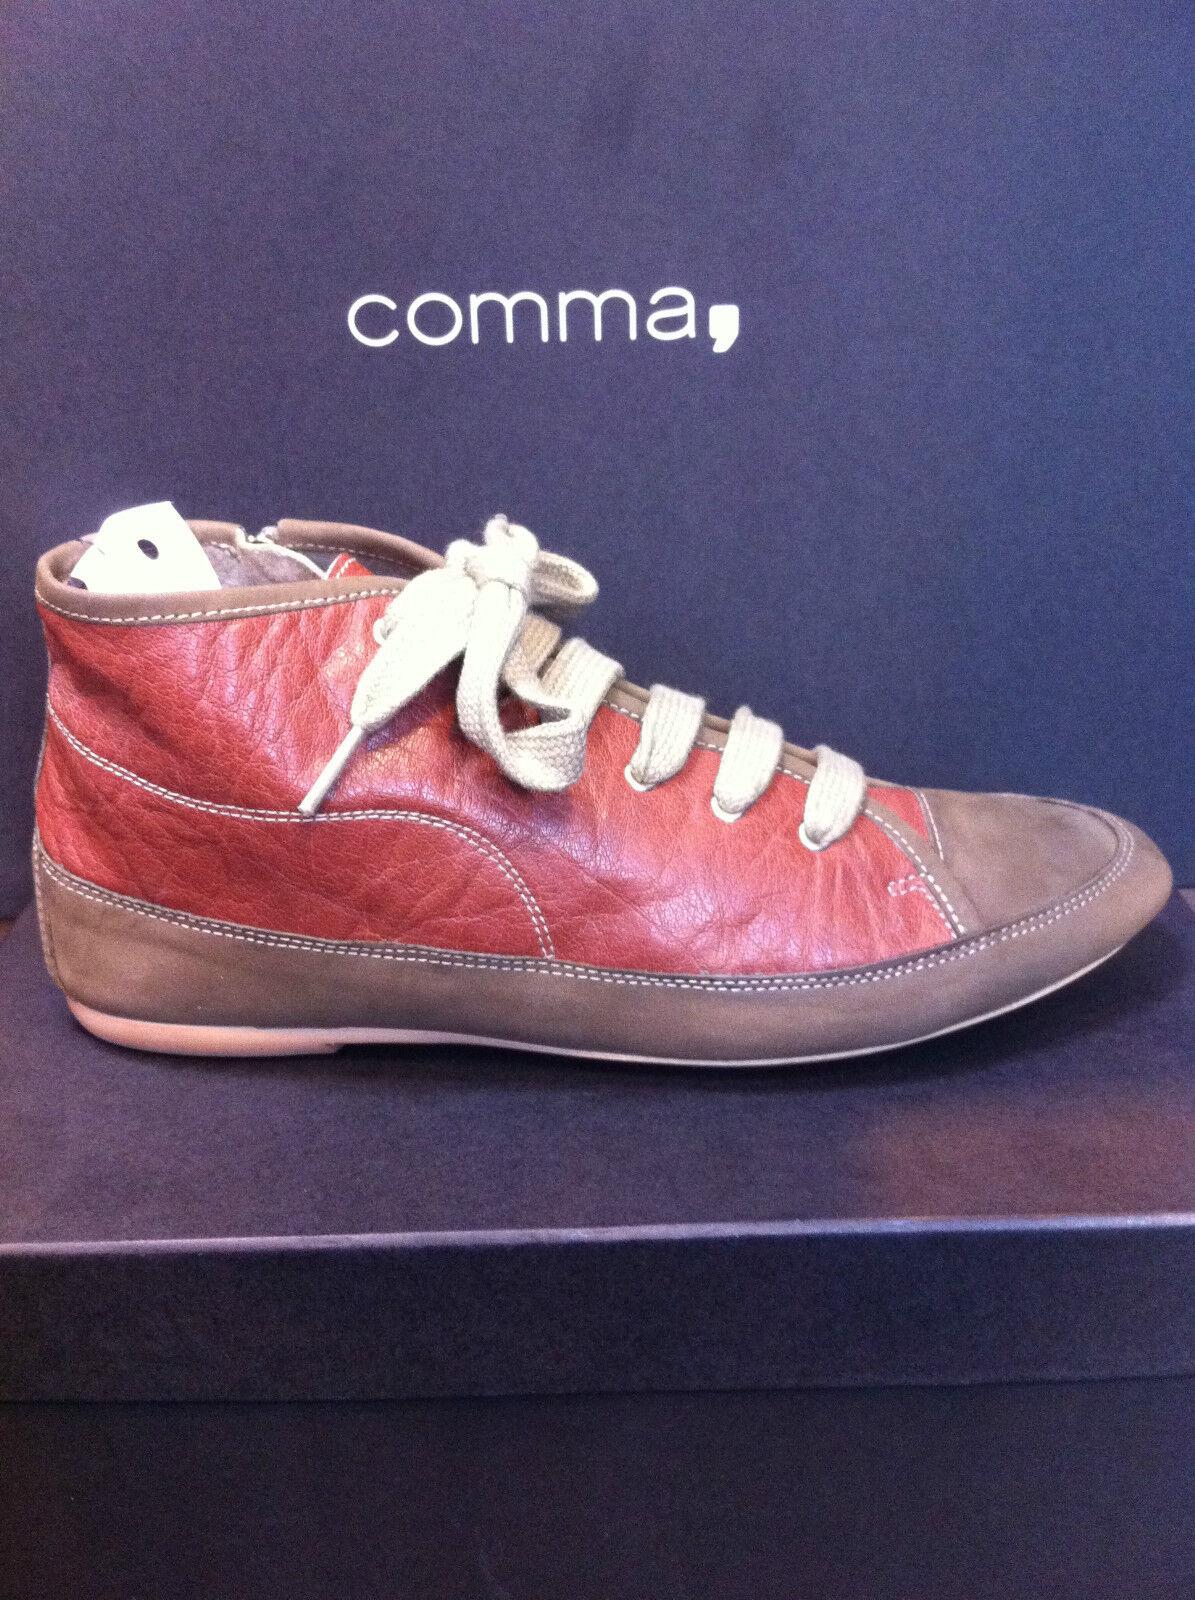 e0e83bb7 Comma, señora zapatos casual zapatos zapatillas zapatos cuero genuino marrón